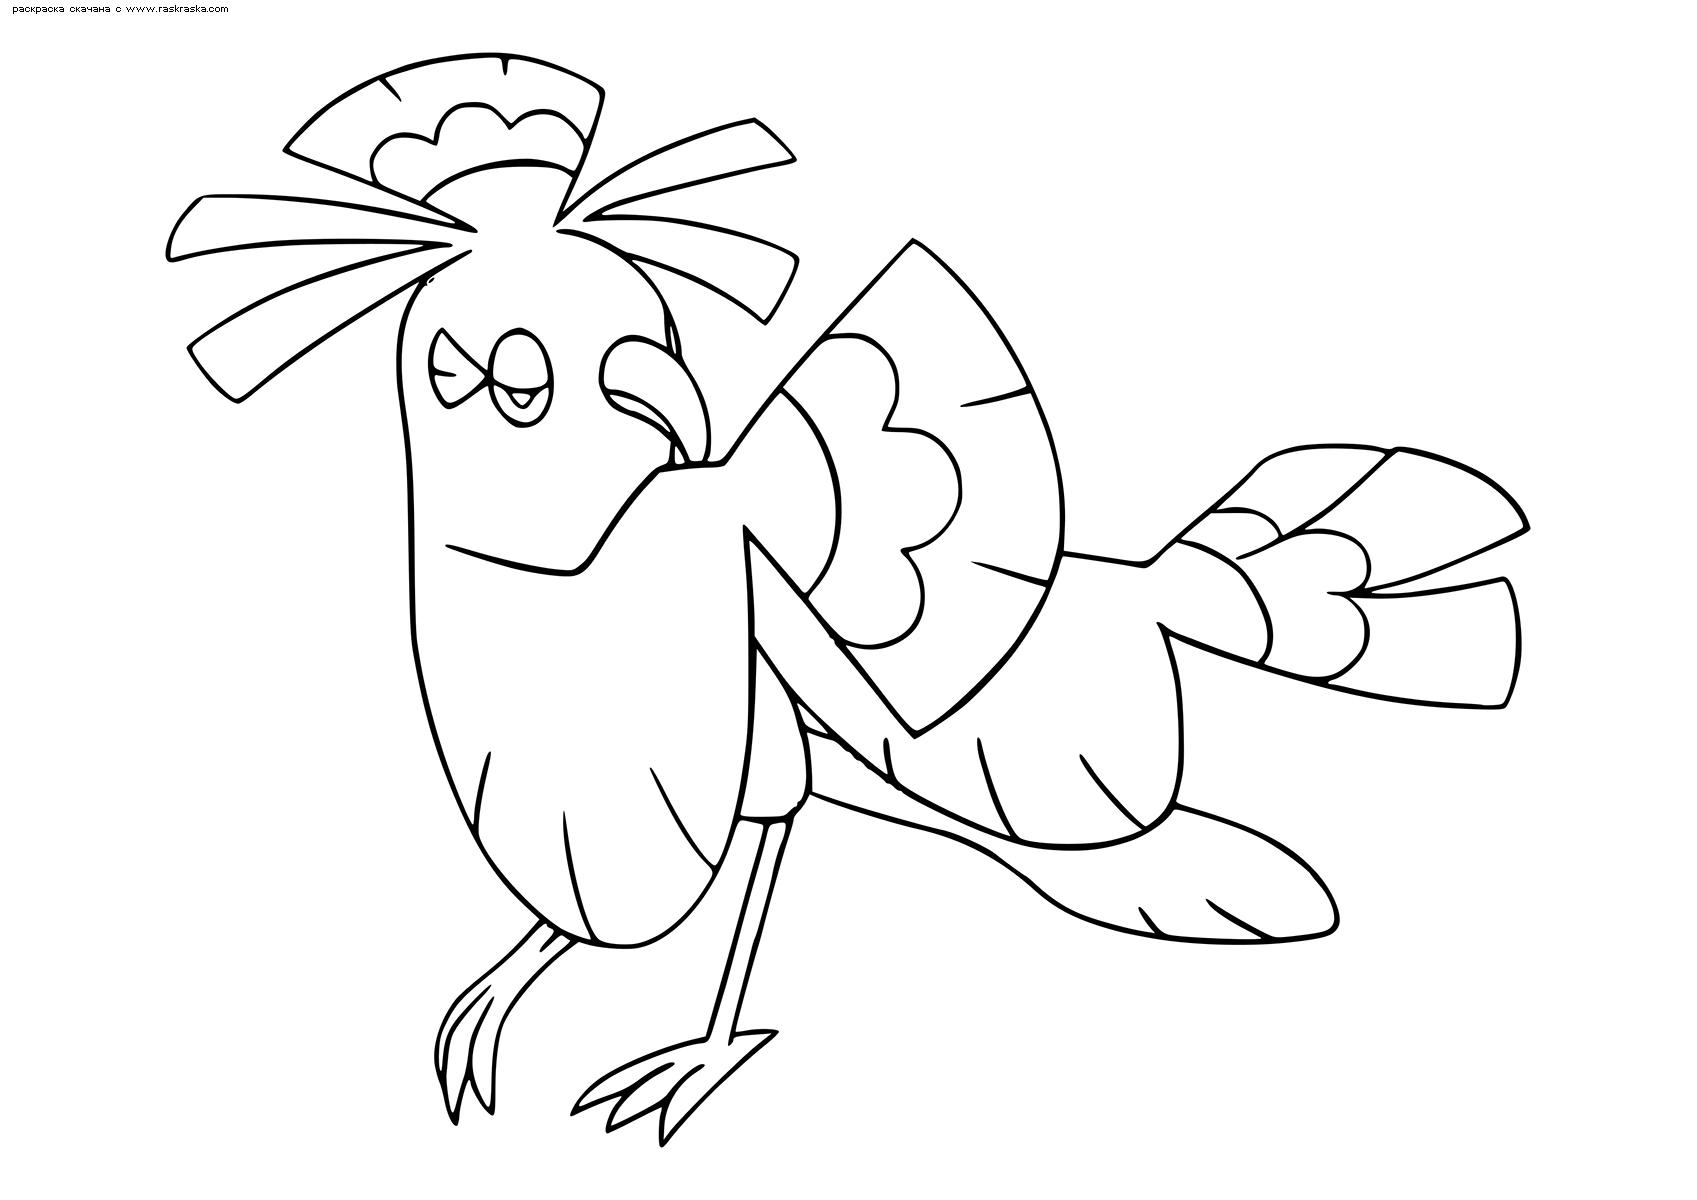 Раскраска Покемон Орикорио (Oricorio). Раскраска Покемон